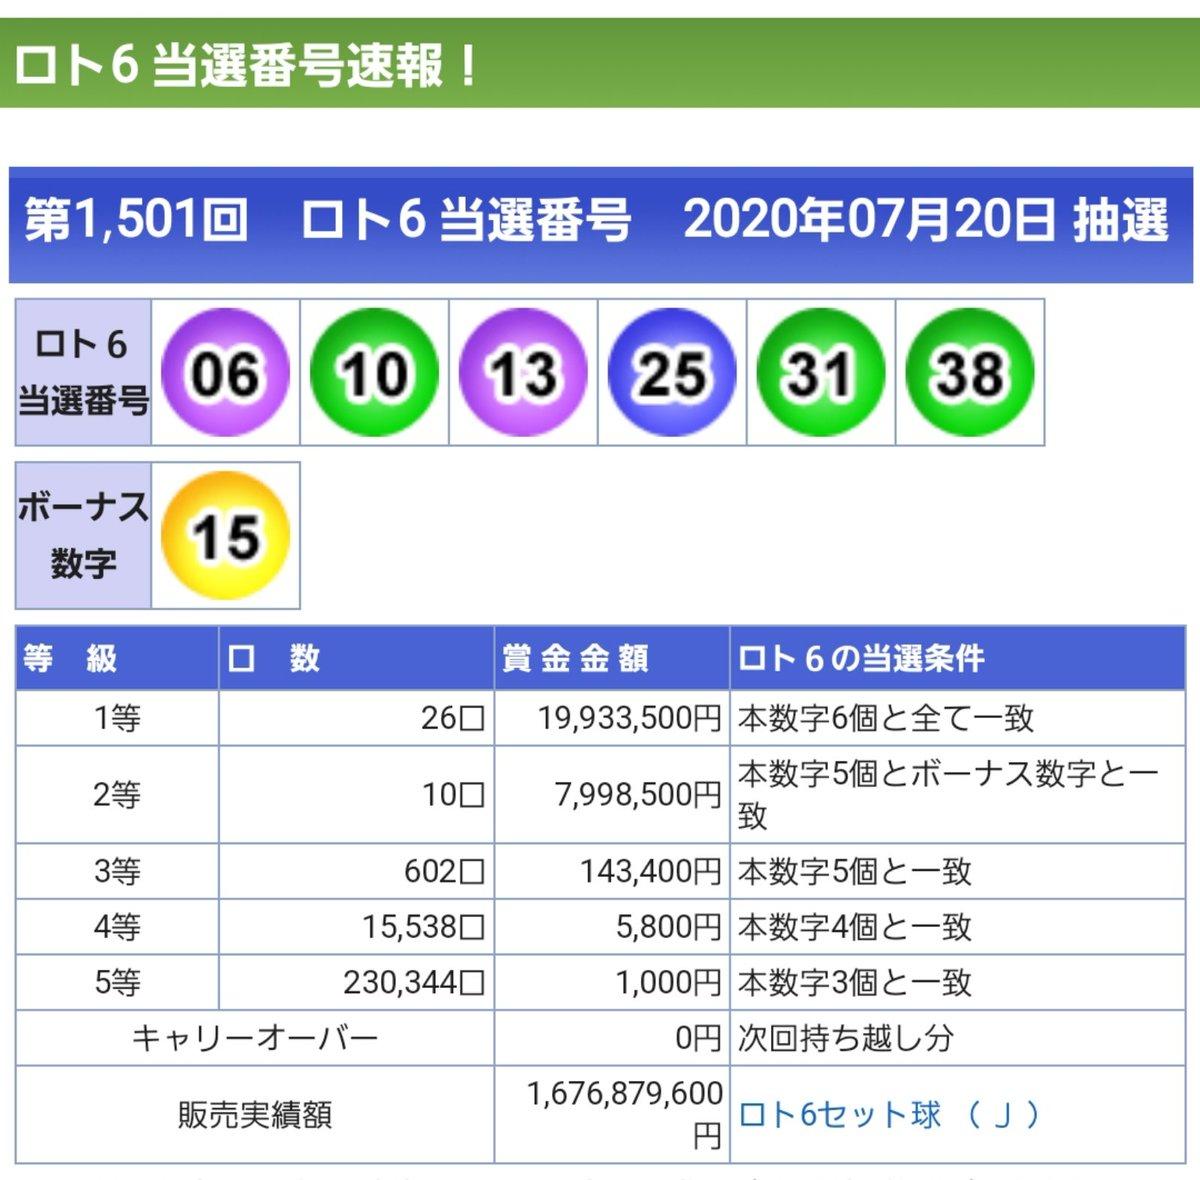 過去 ロト 20 6 ロト6 結果速報/最新当せん番号